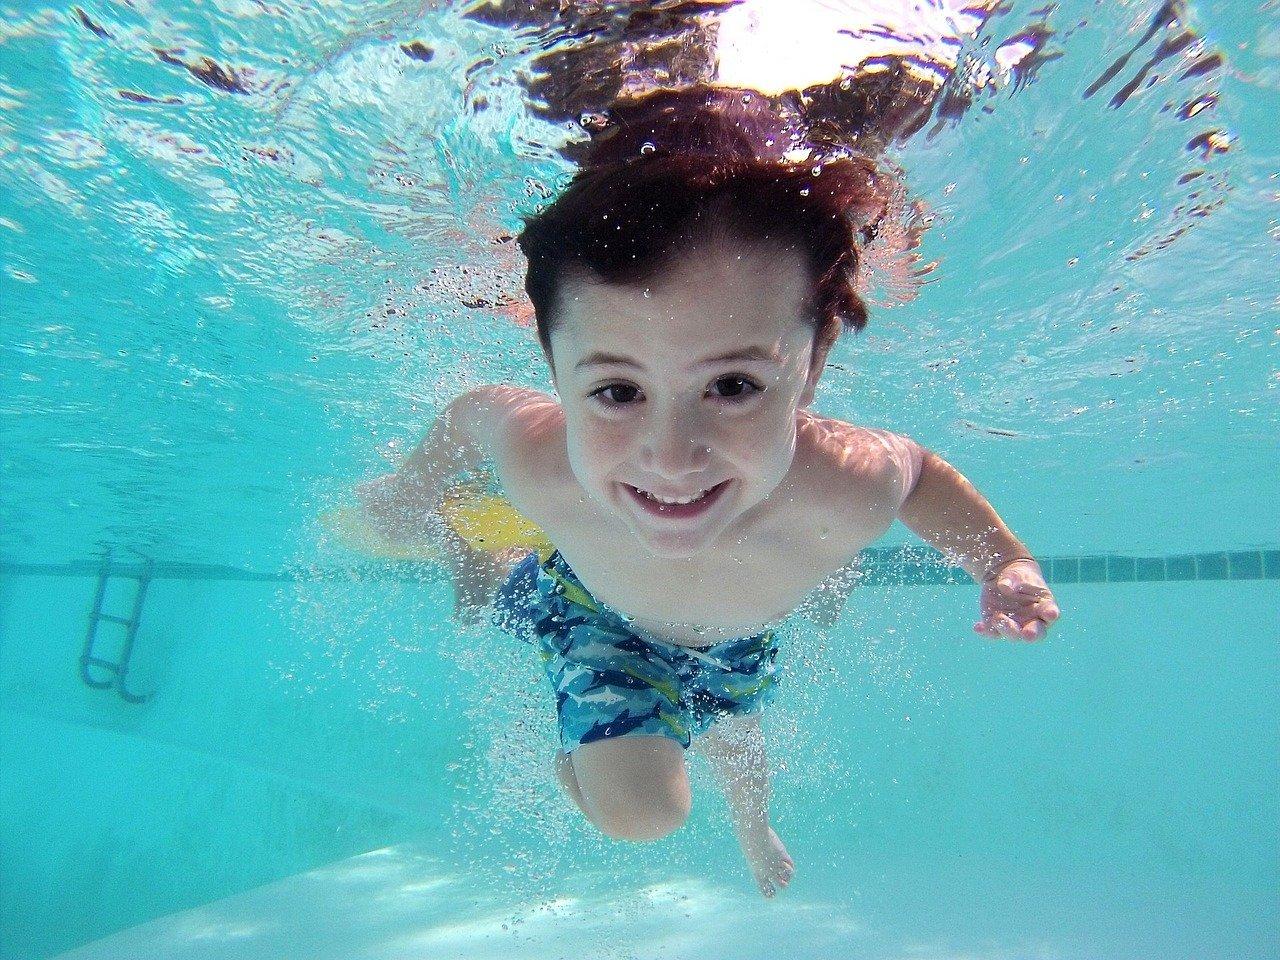 Piscina bambini: come divertirsi a casa in estate senza mare